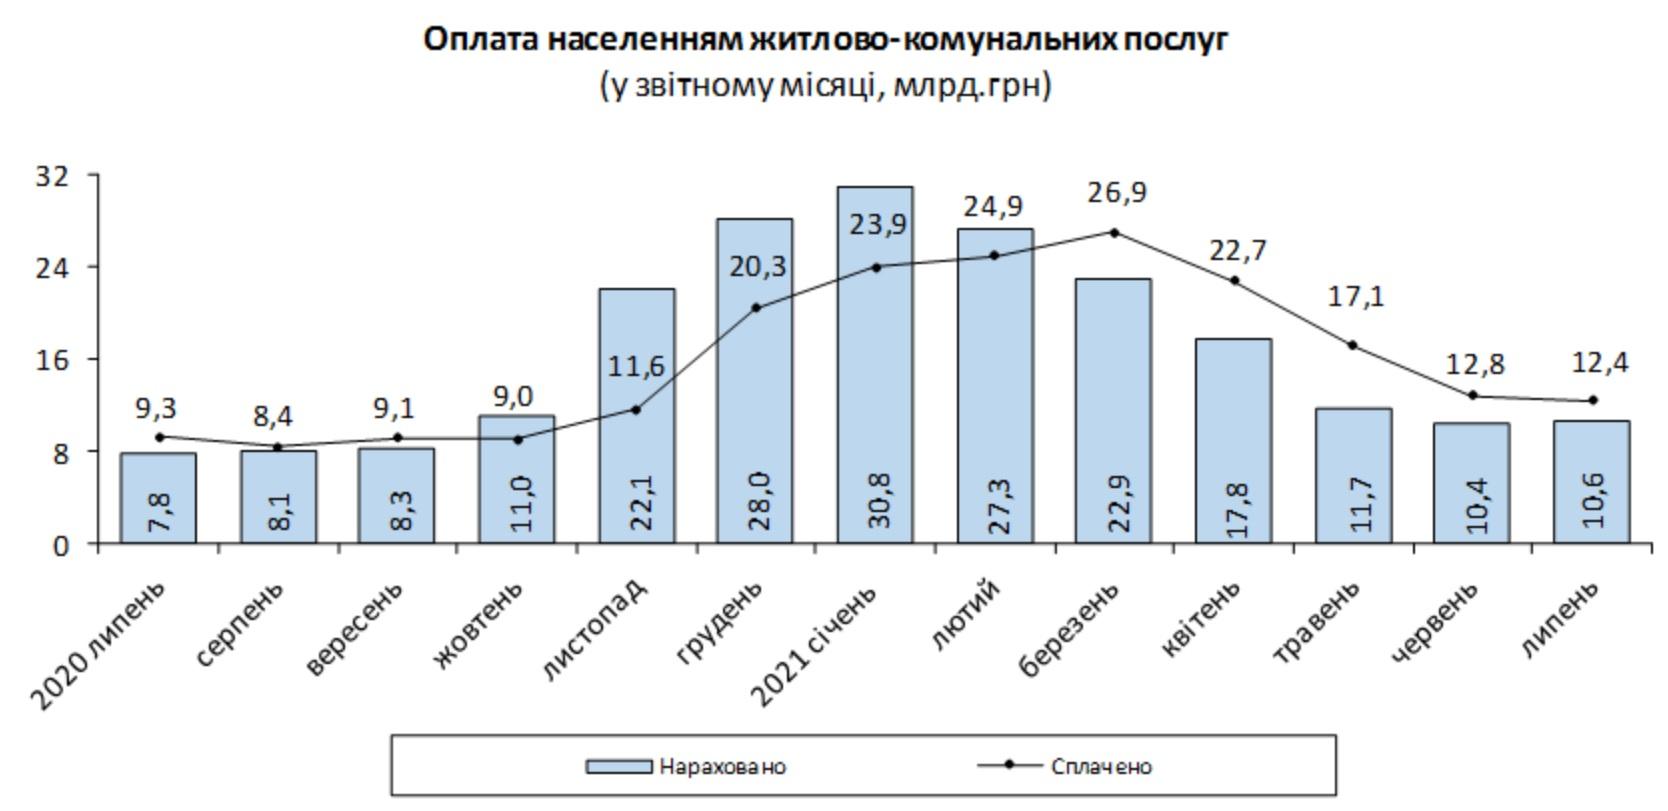 Тарифы на коммунальные услуги 2021 - Госстат обнародовал данные о росте - фото 1